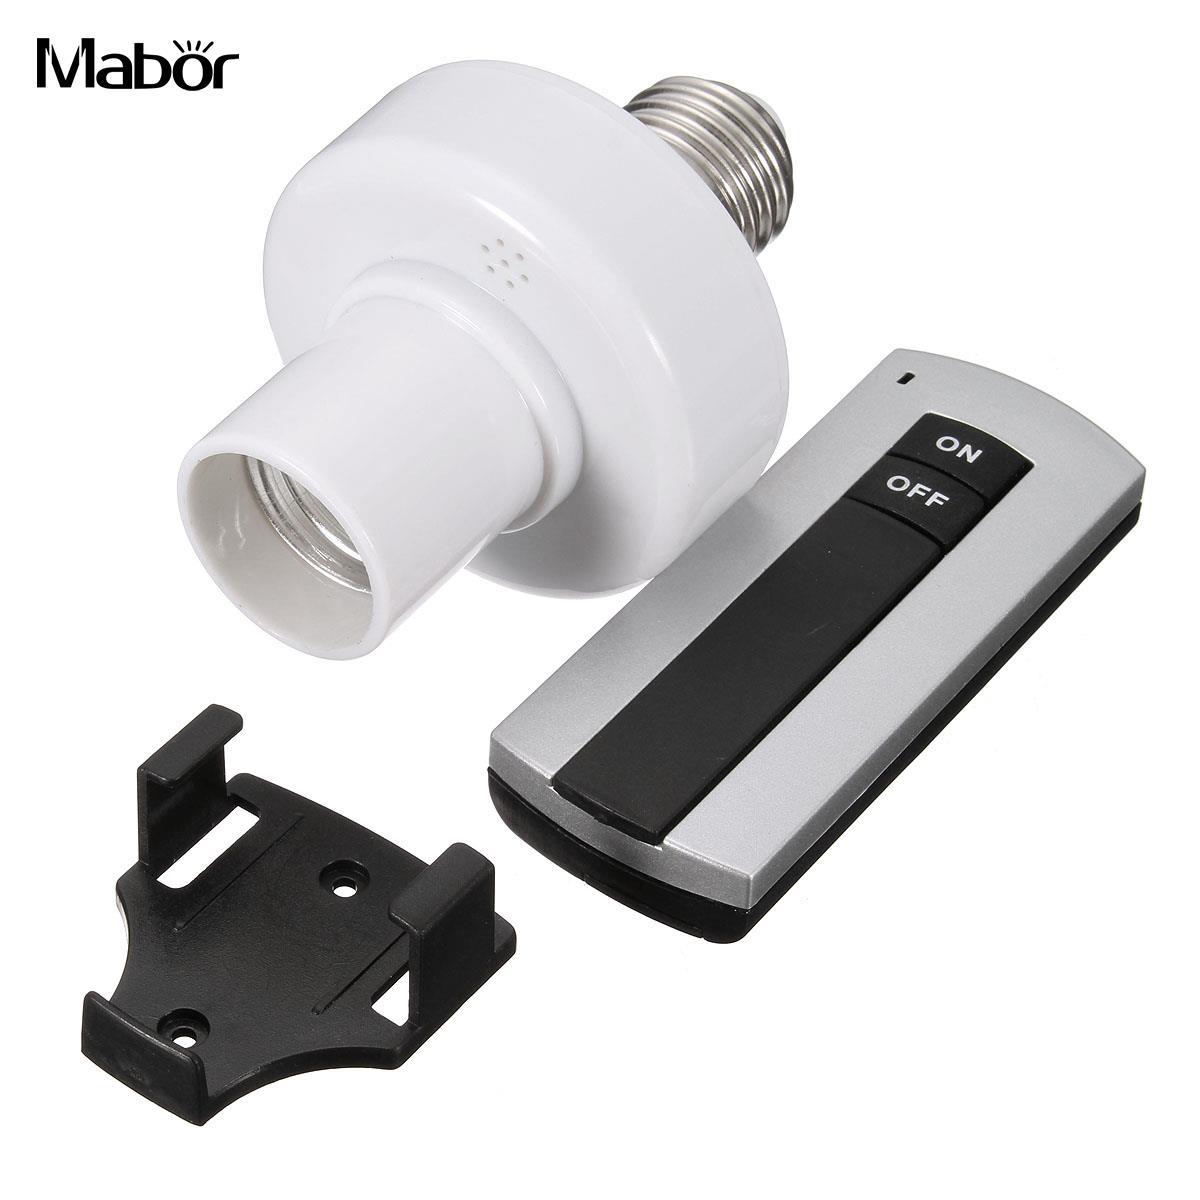 Foco Bluetooth Inal/ámbrico Luz y M/úsica con Control Remoto 6W E27 RGB con Control remoto de 24 teclas